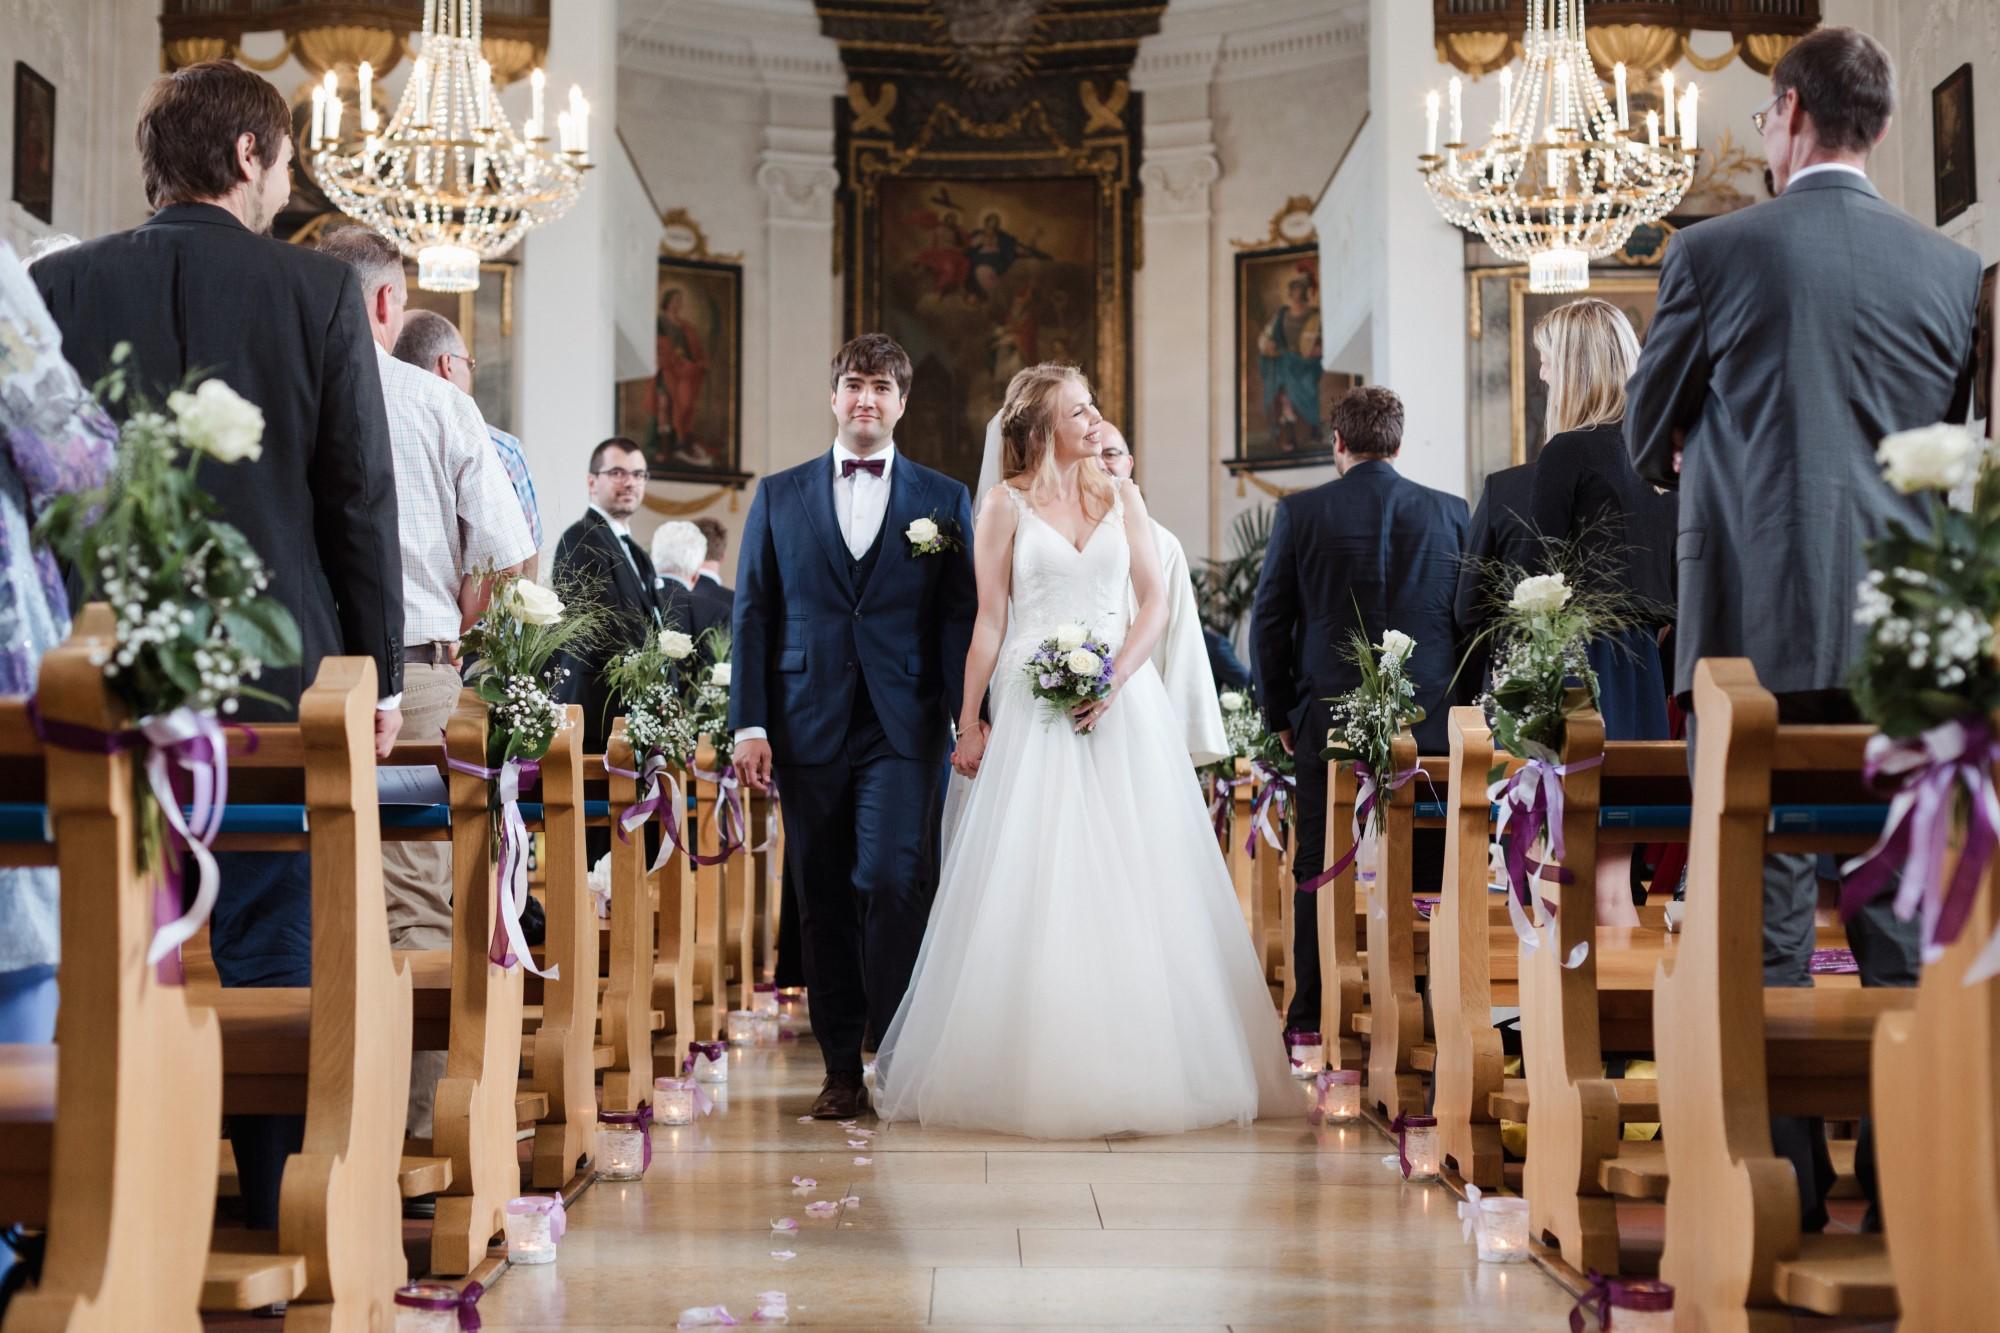 Das Brautpaar spaziert aus der Kirche